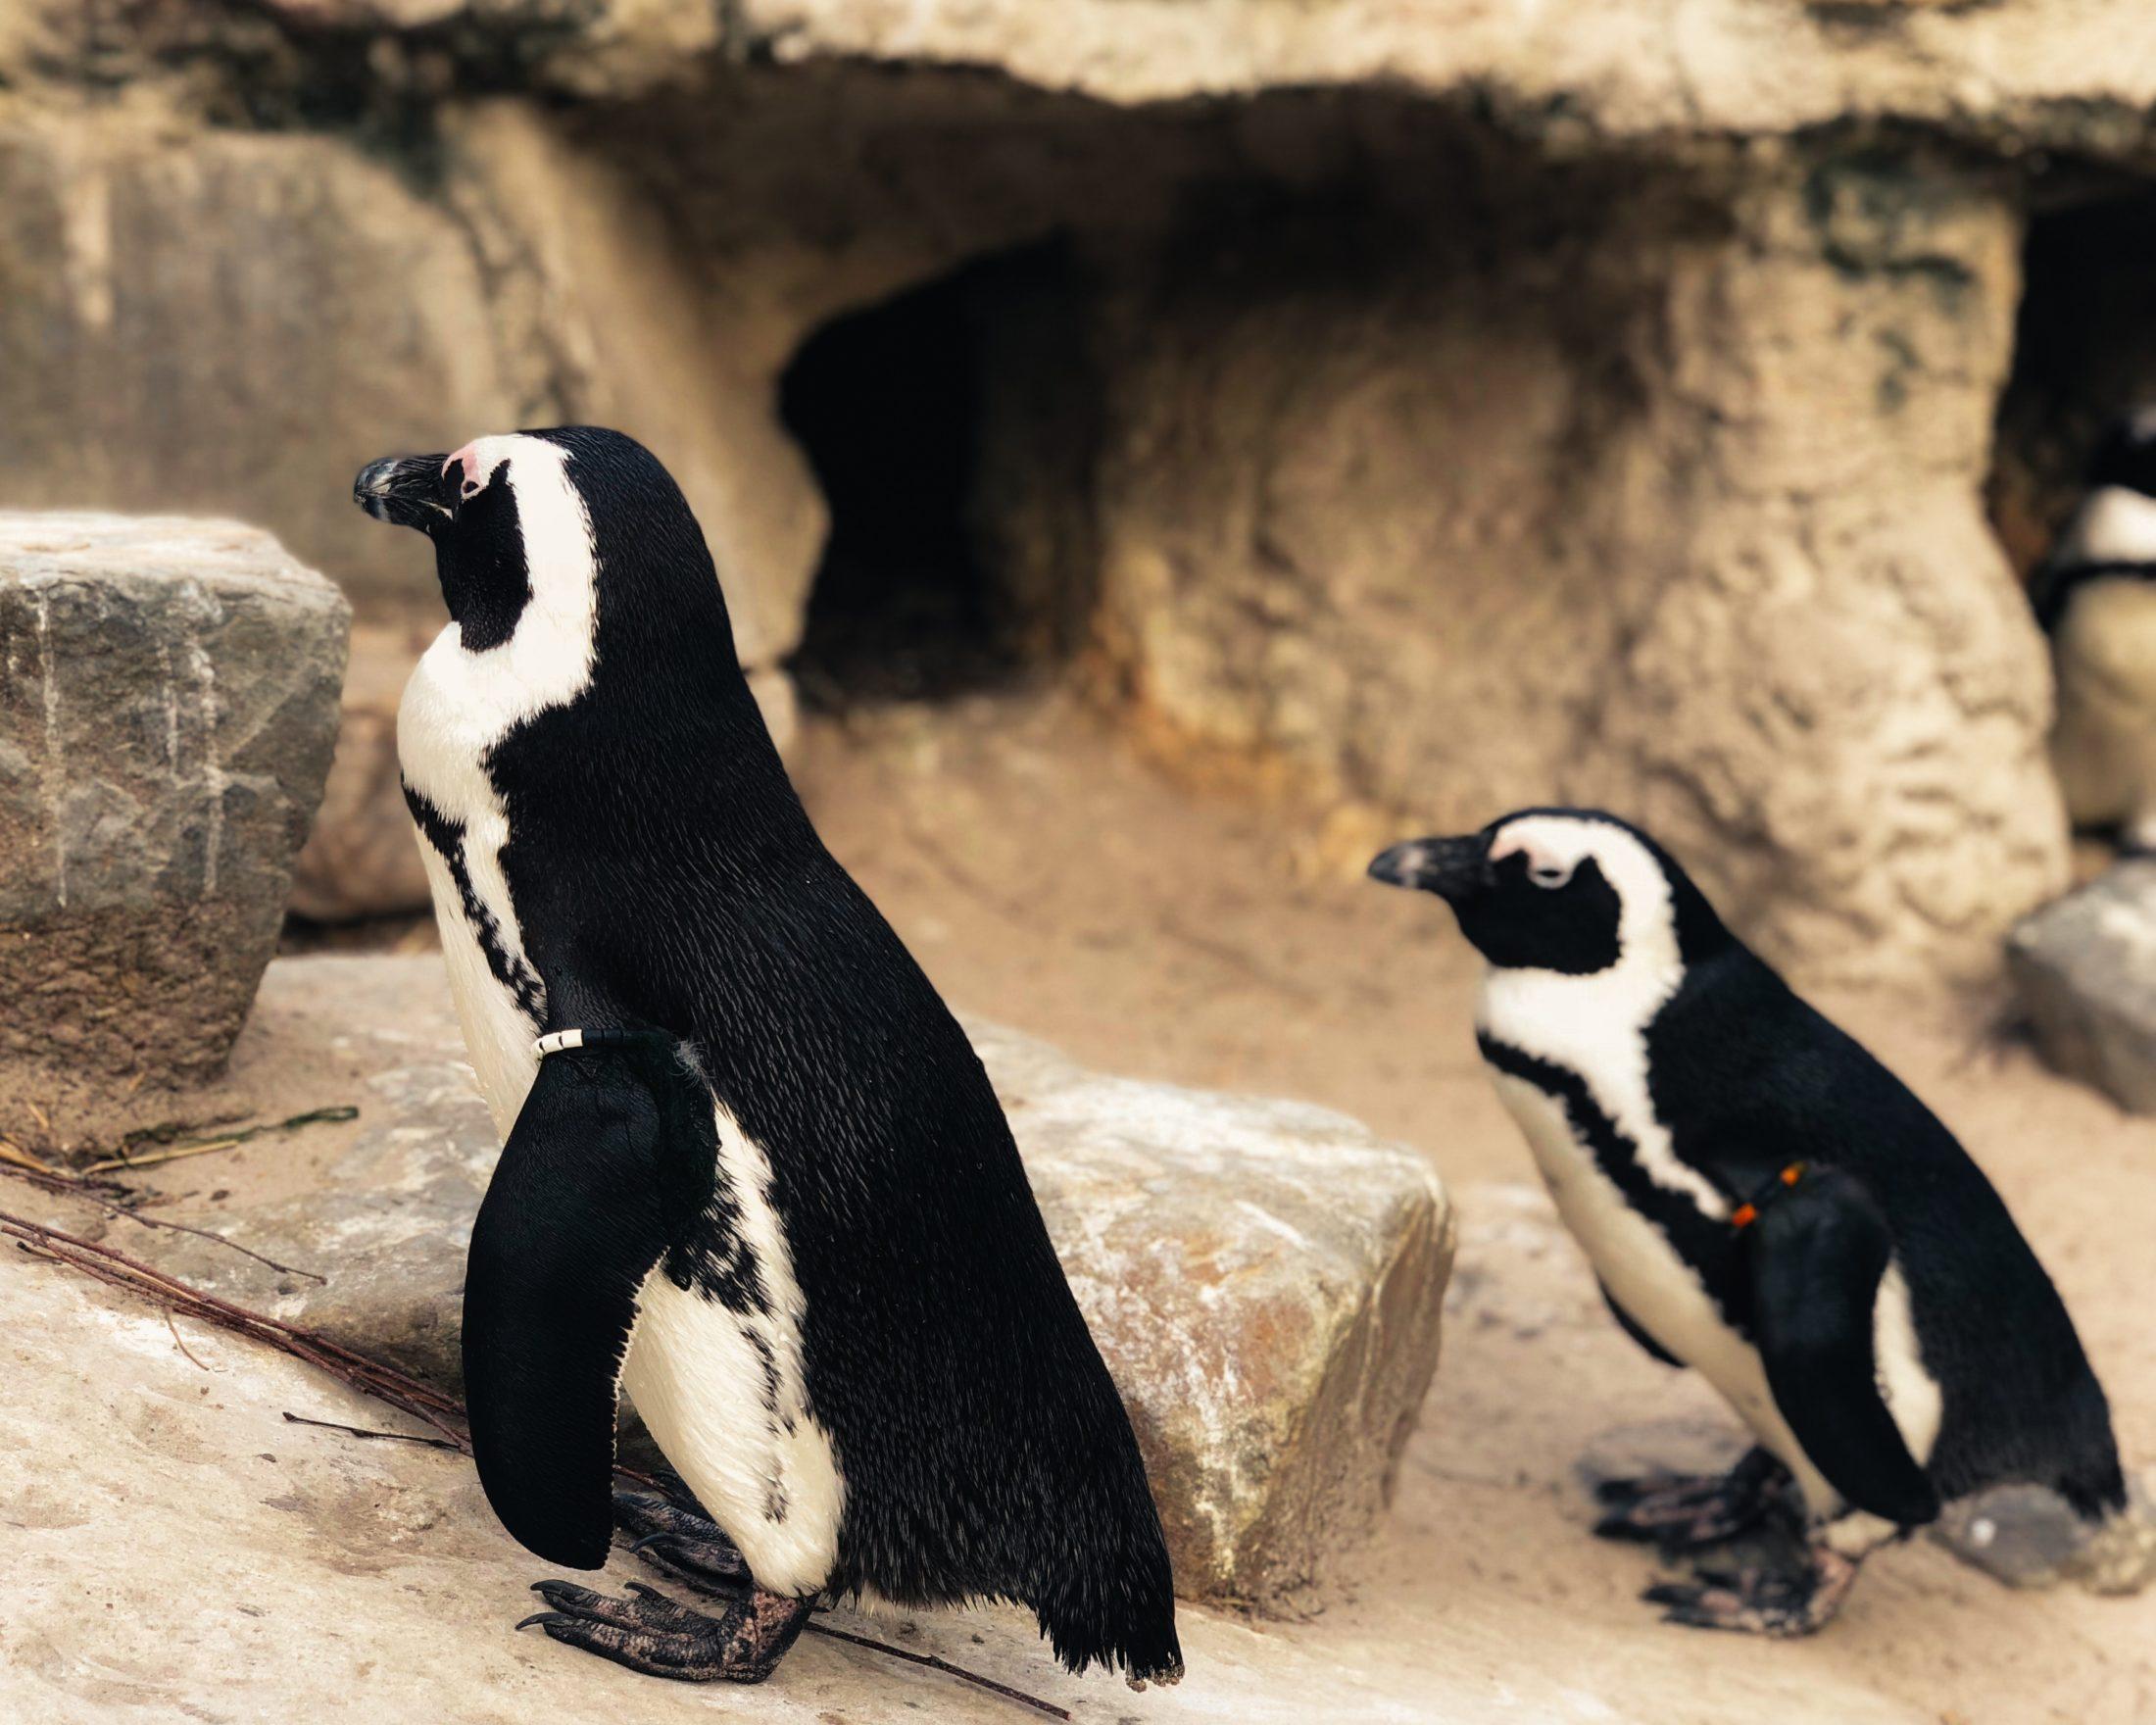 Sonhar com pinguim distante é alerta pra problemas alheios.